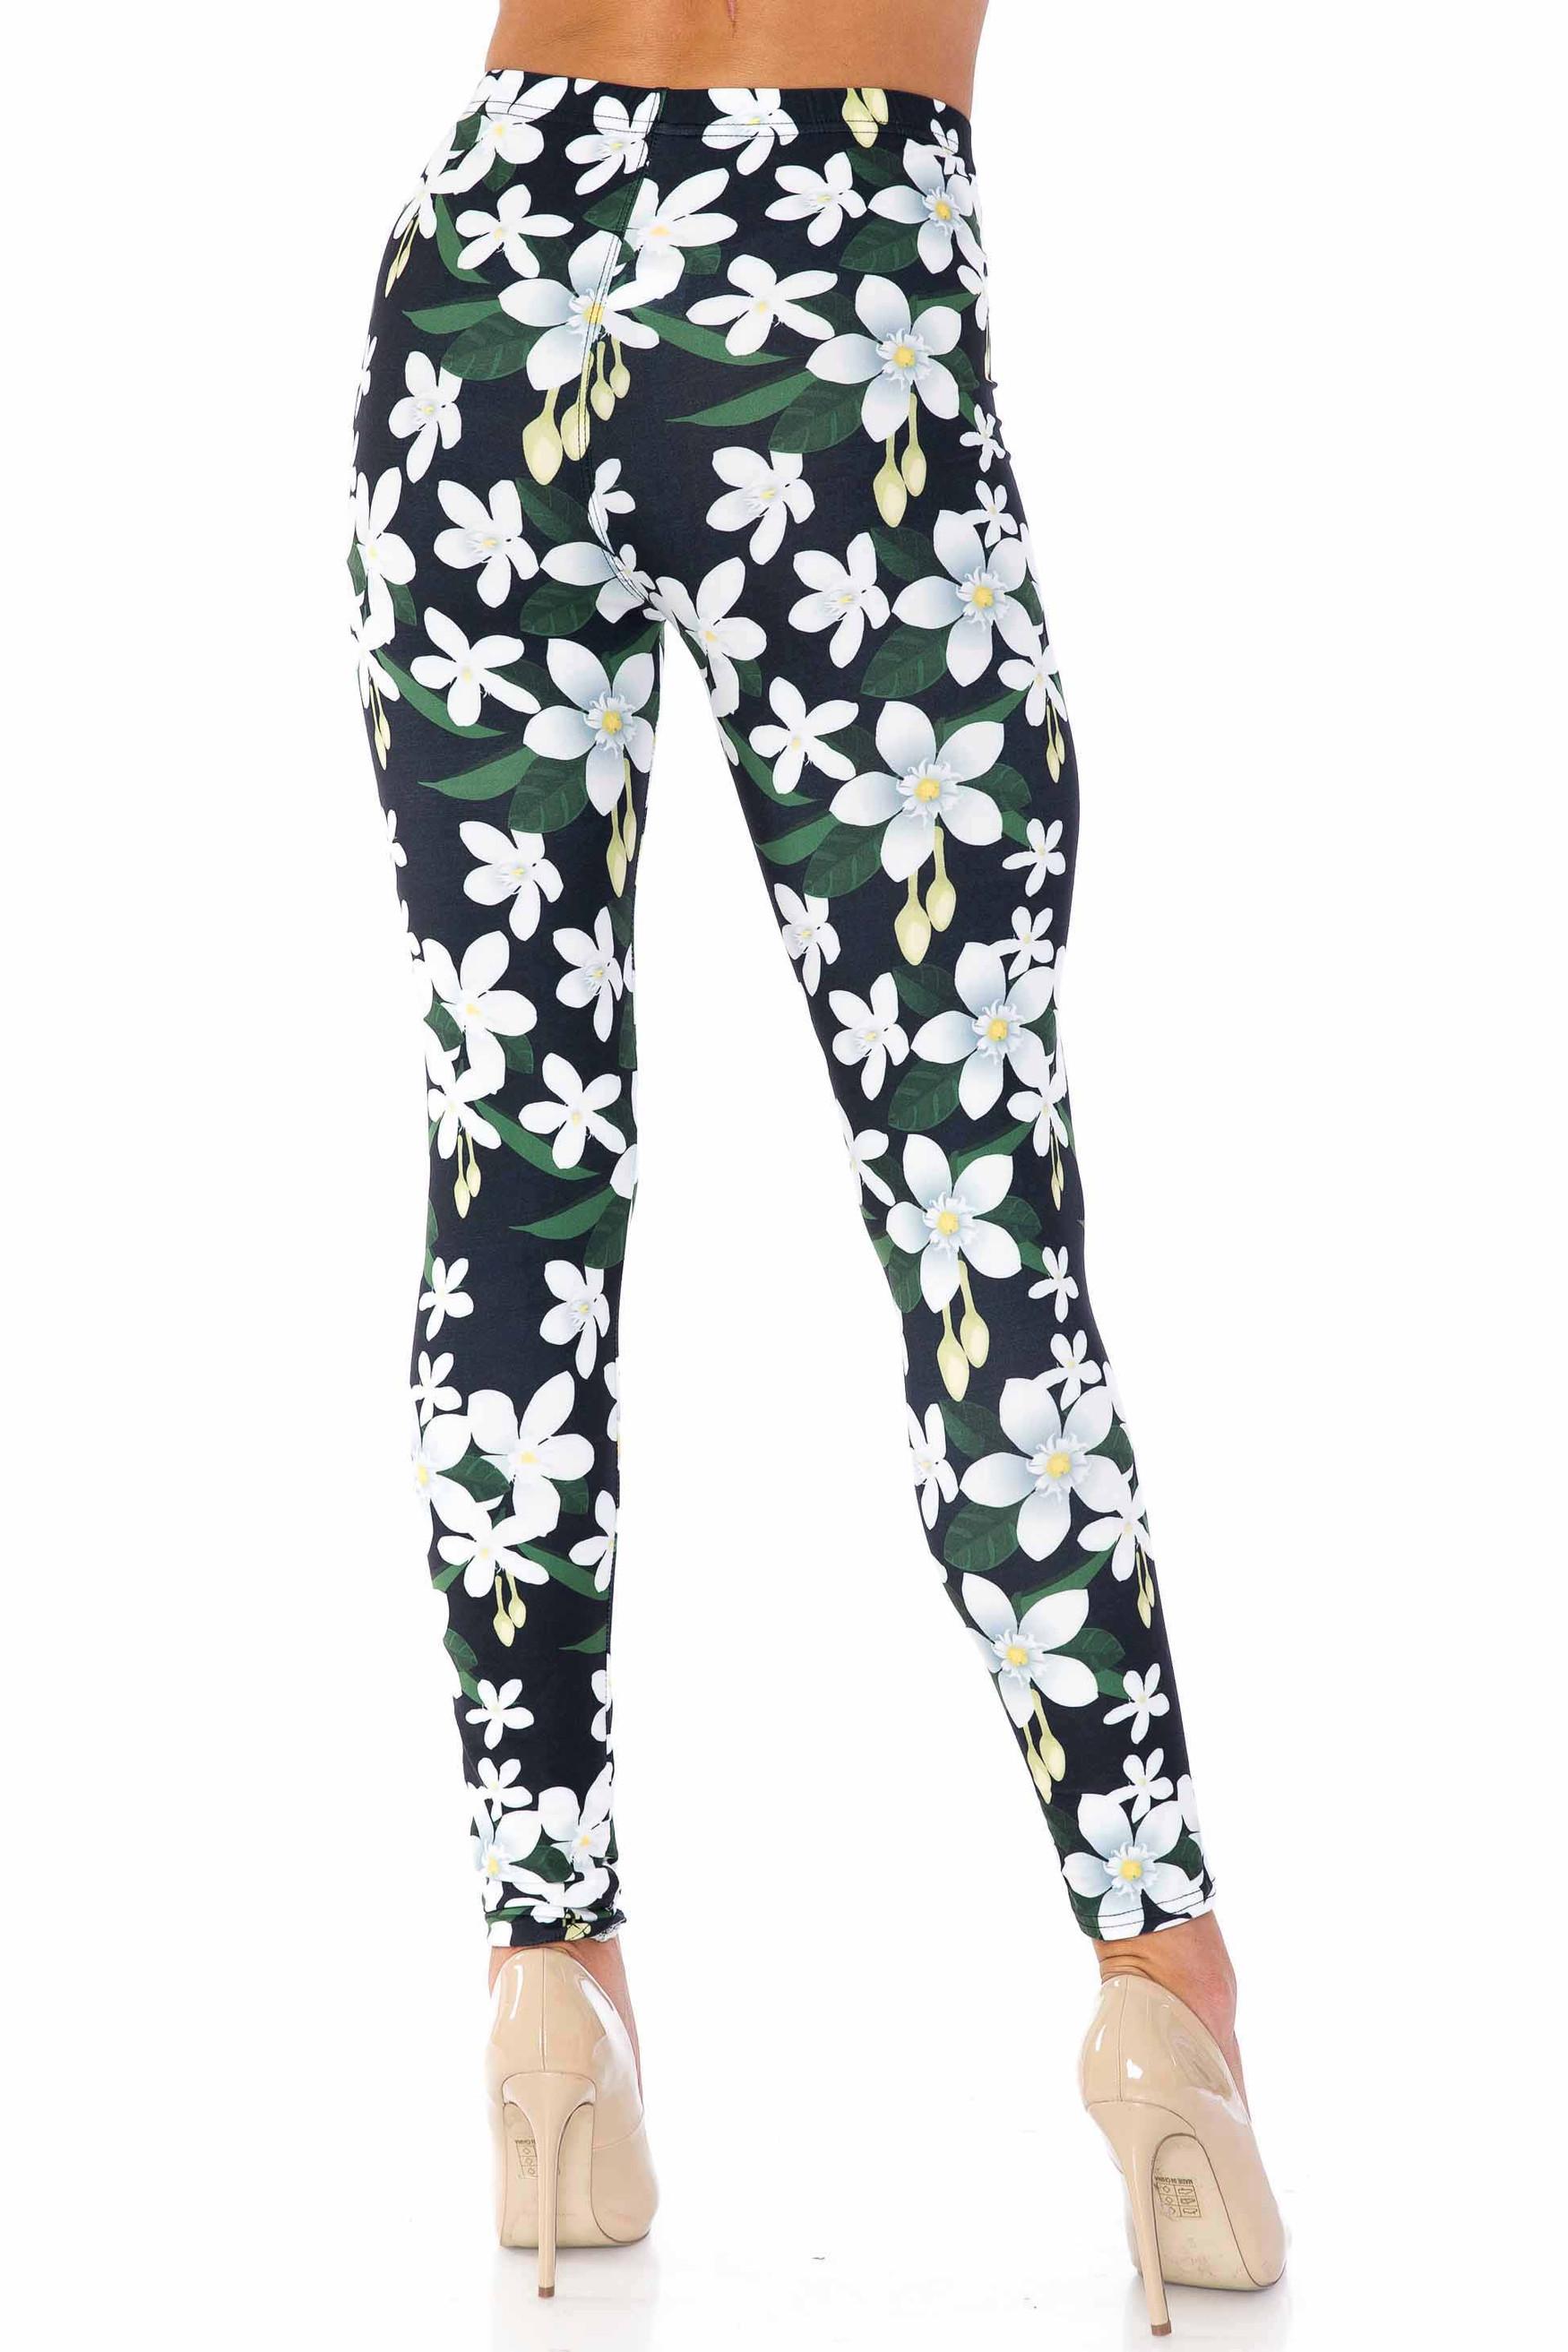 Creamy Soft Daisy Bloom Leggings - USA Fashion™